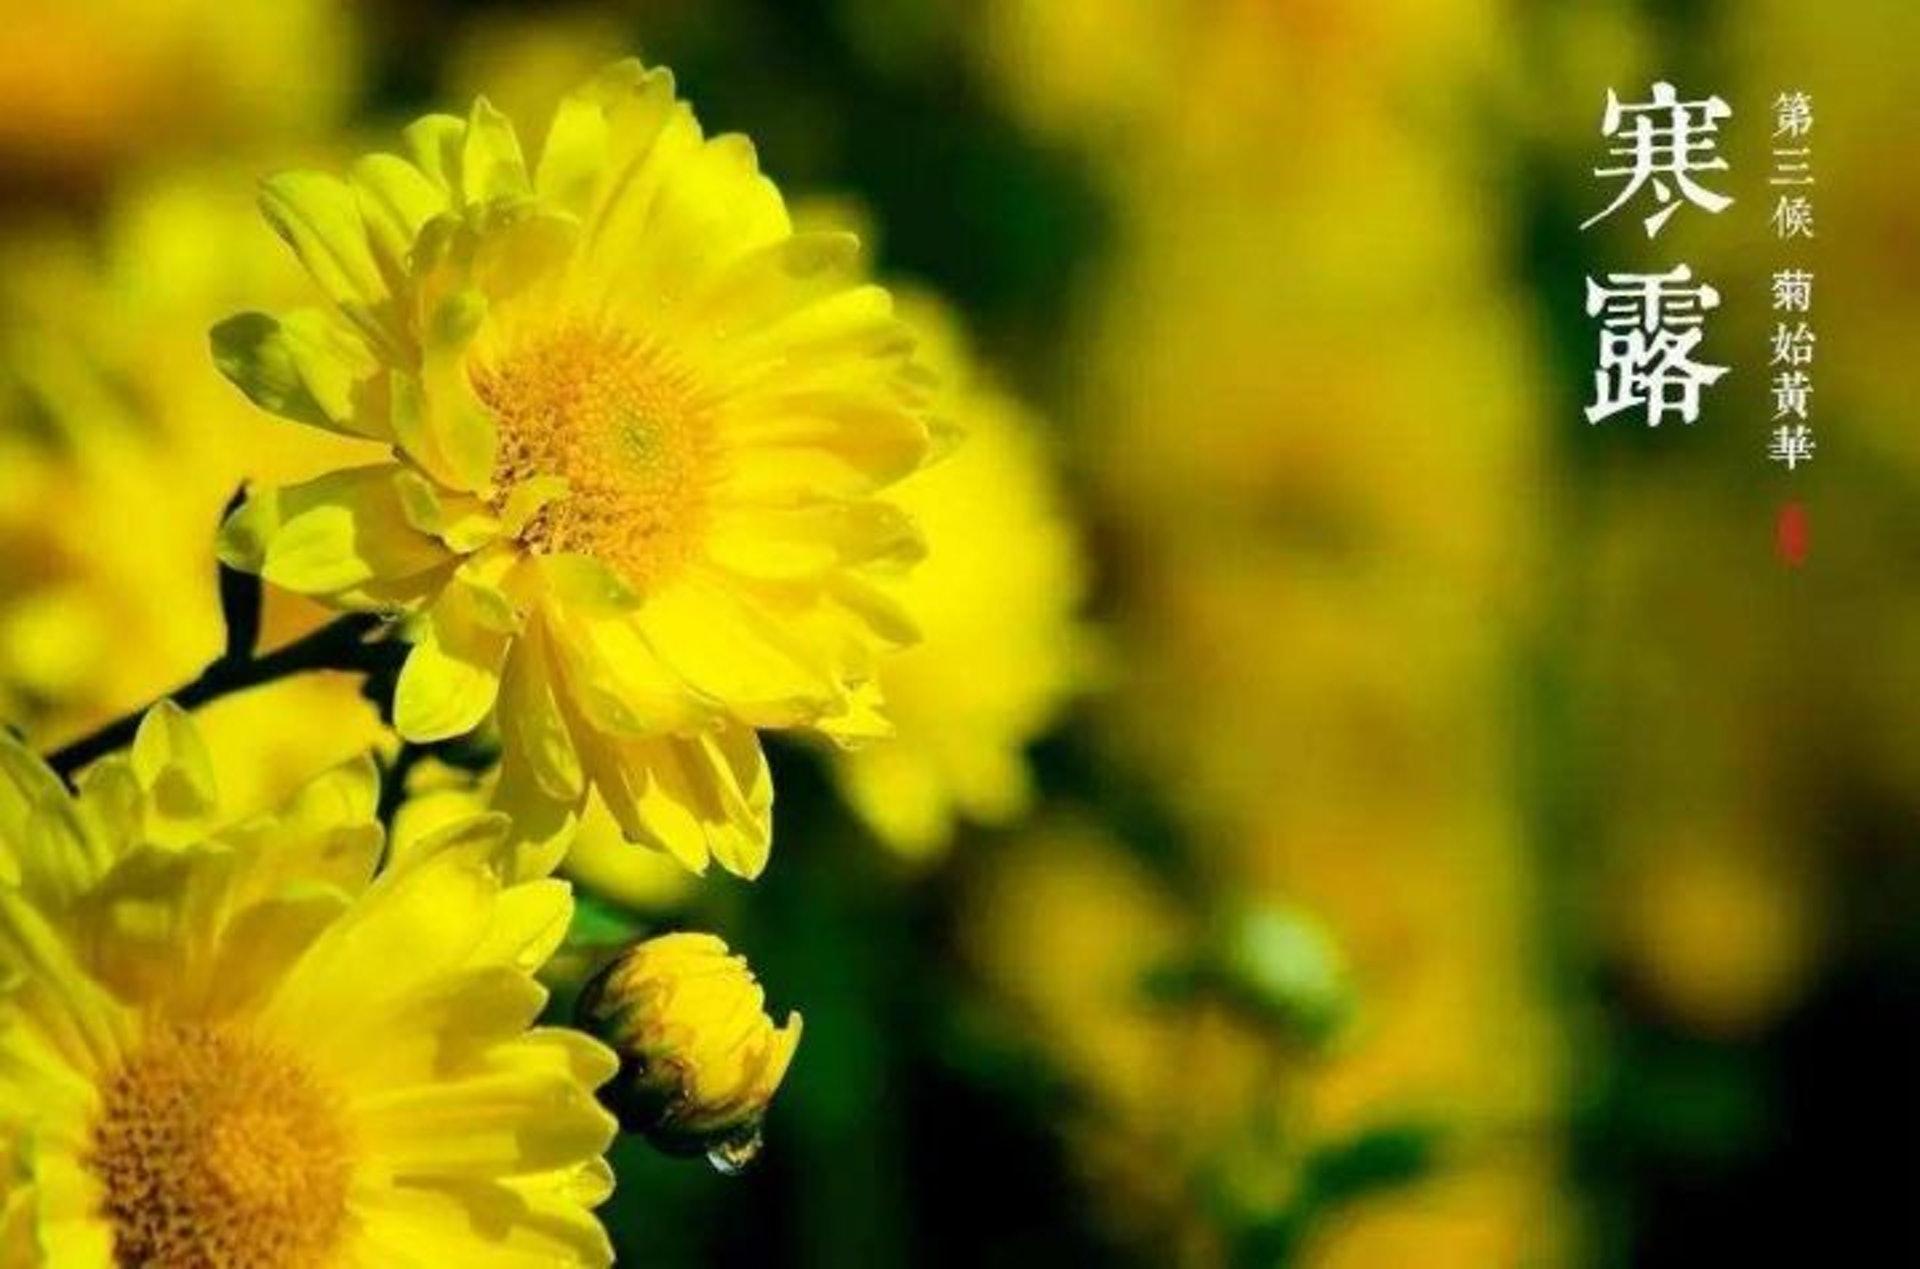 「寒露」是秋天後首個以「寒」命名的節氣,期間菊花盛開,更有多種養生用途。(圖片:jwfzl)